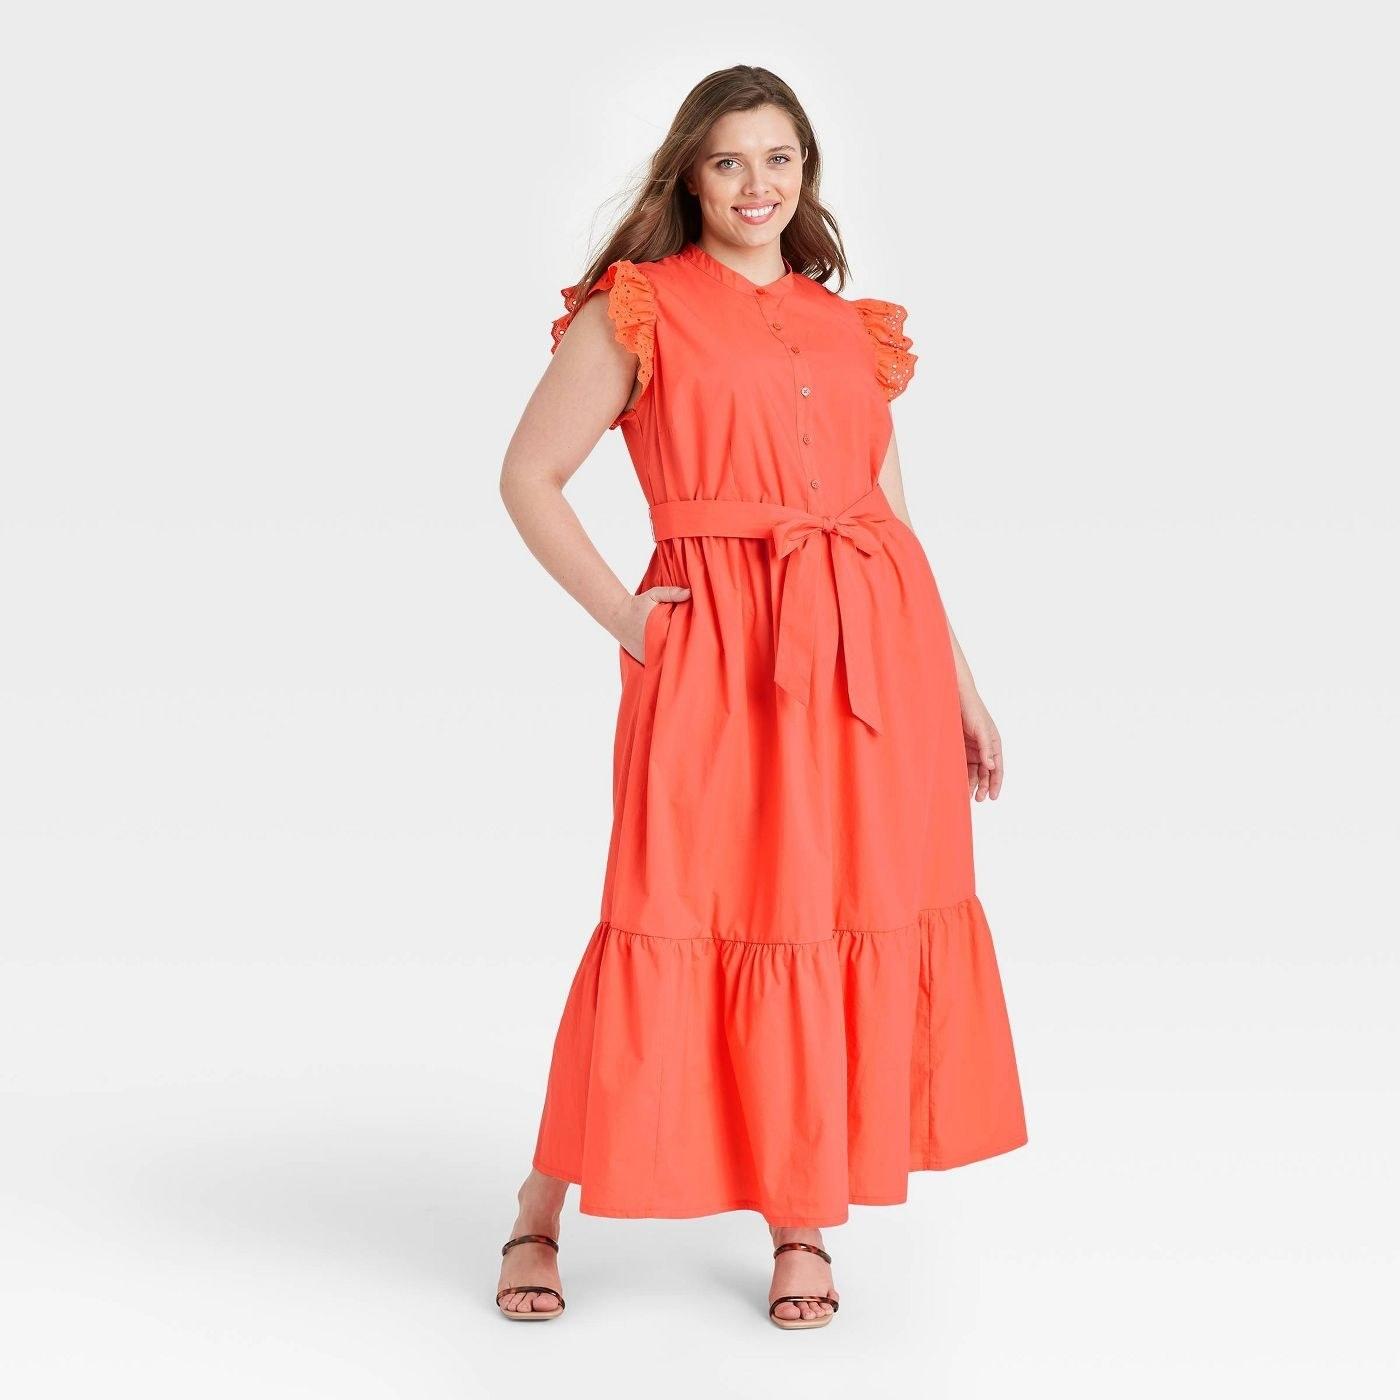 Model wearing orange dress with a tie waist